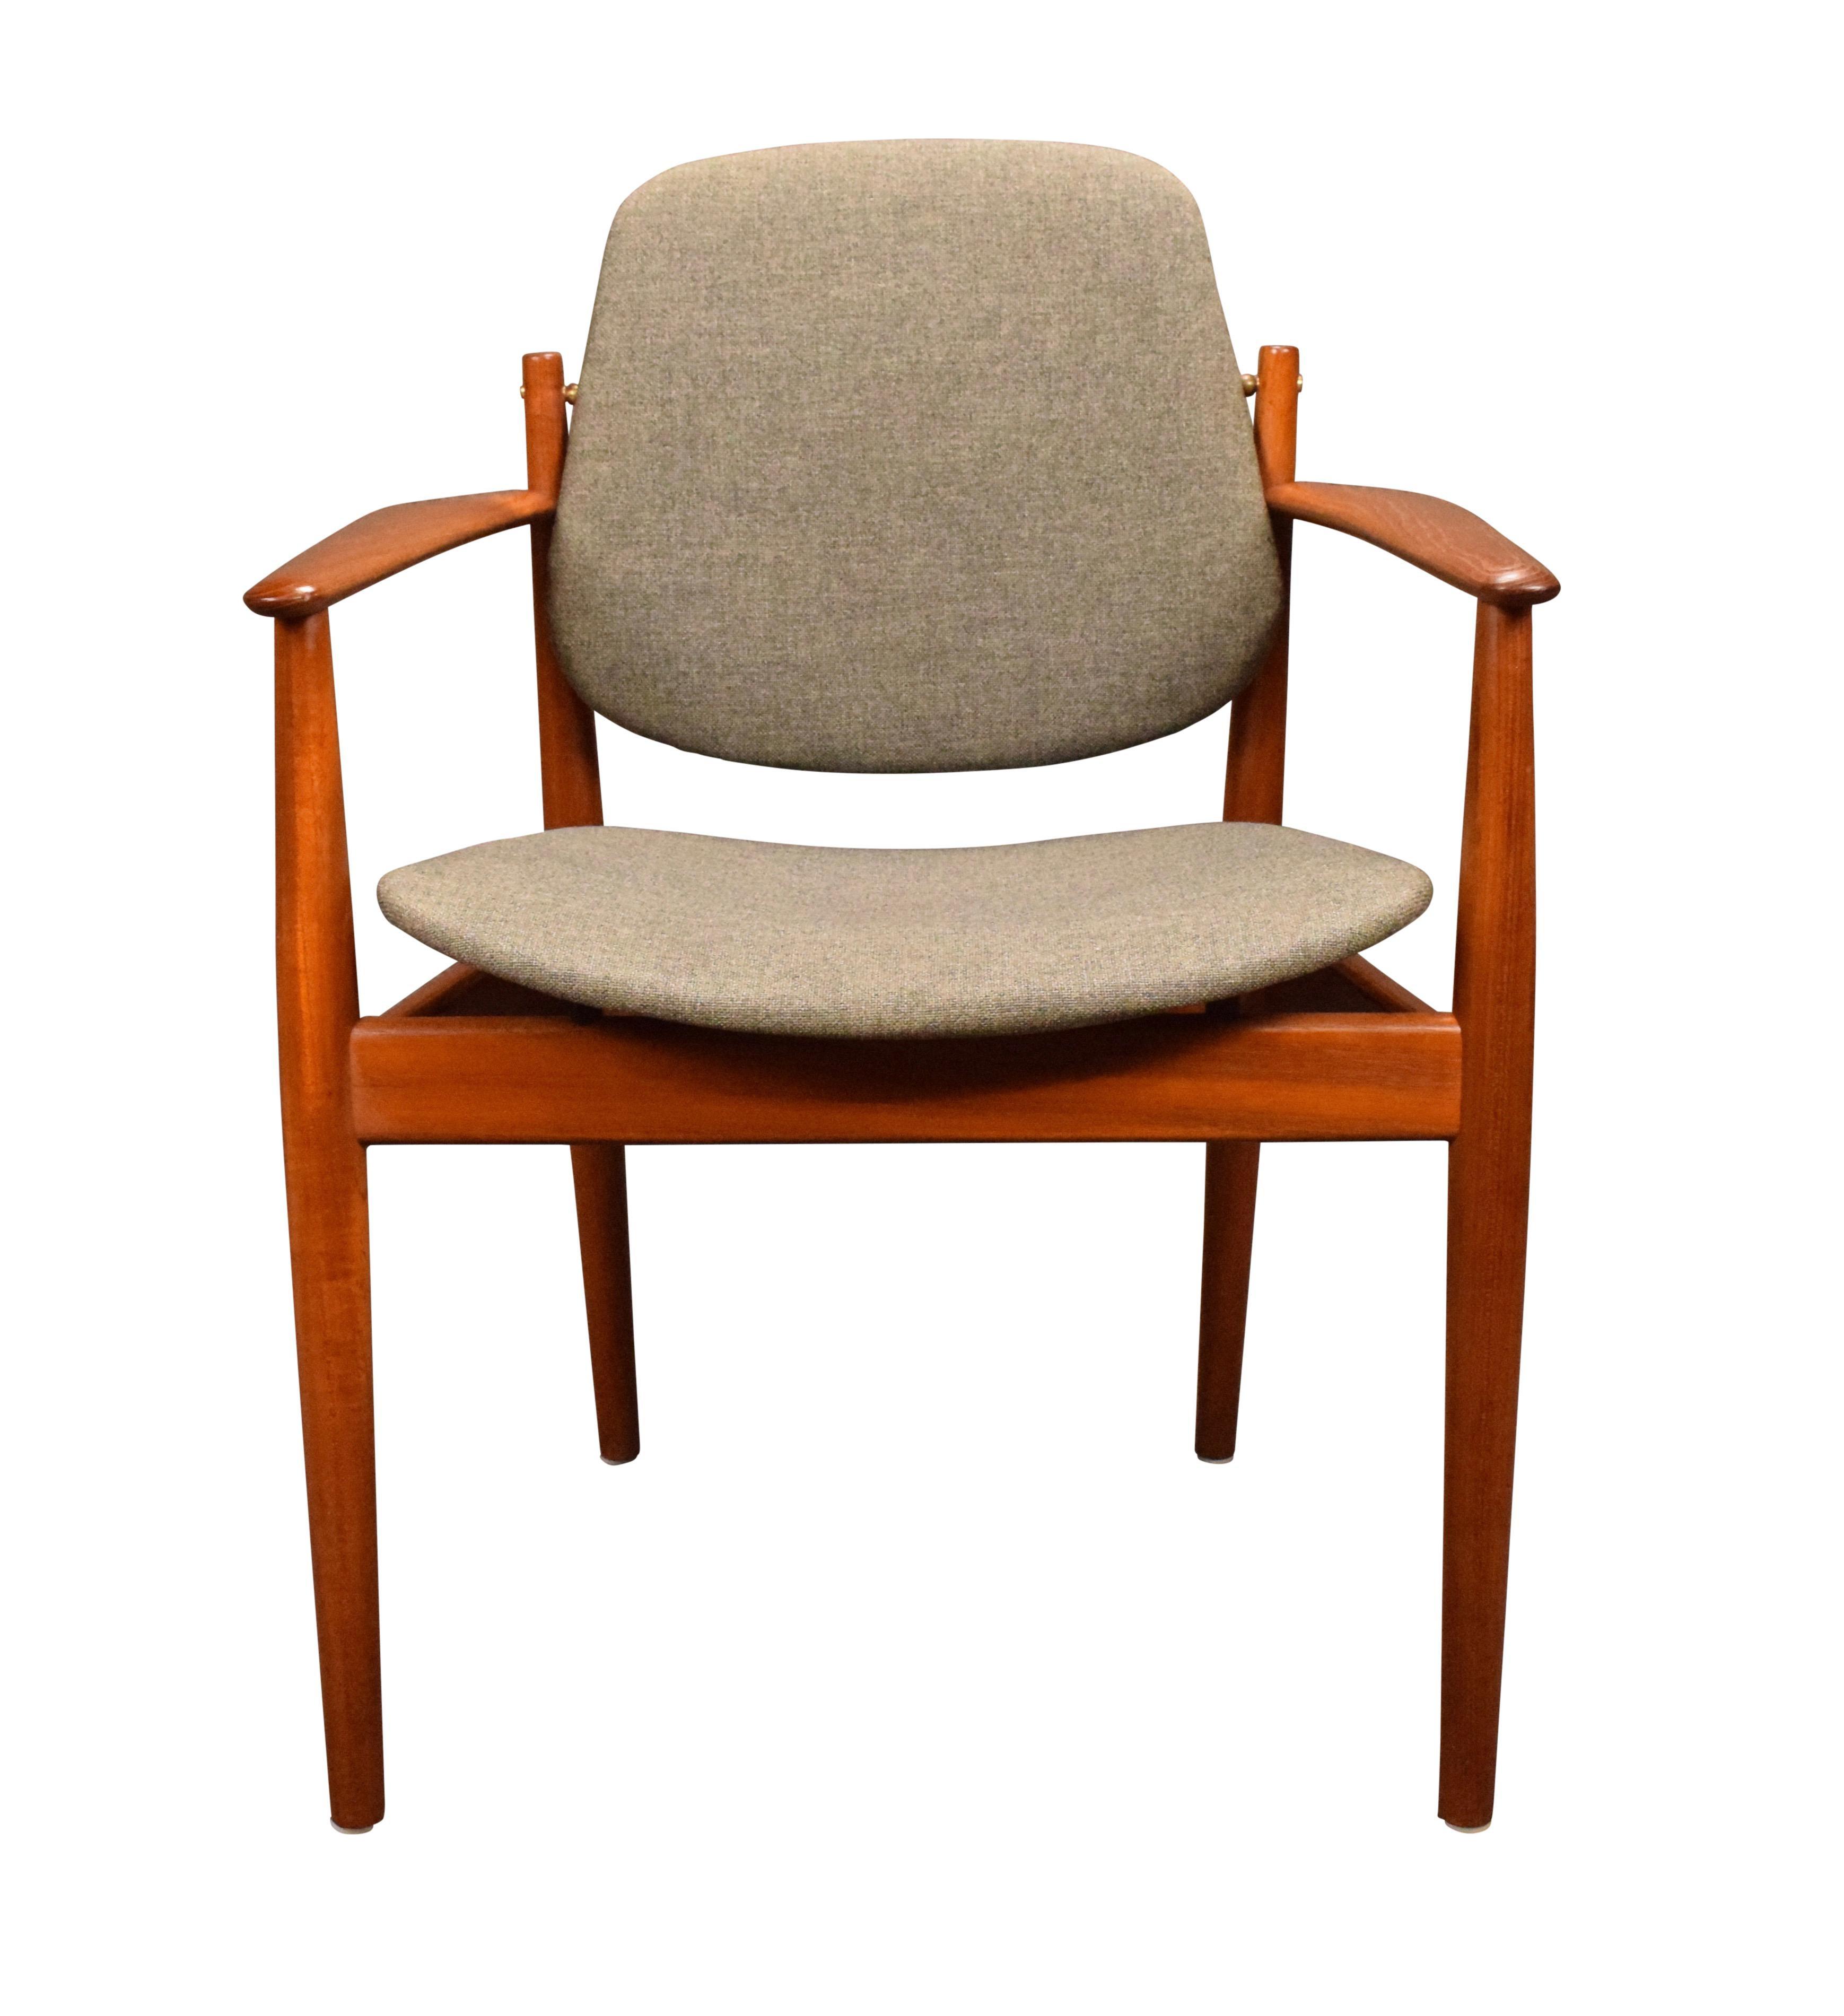 1960s Danish Modern Arne Vodder Teak Chair